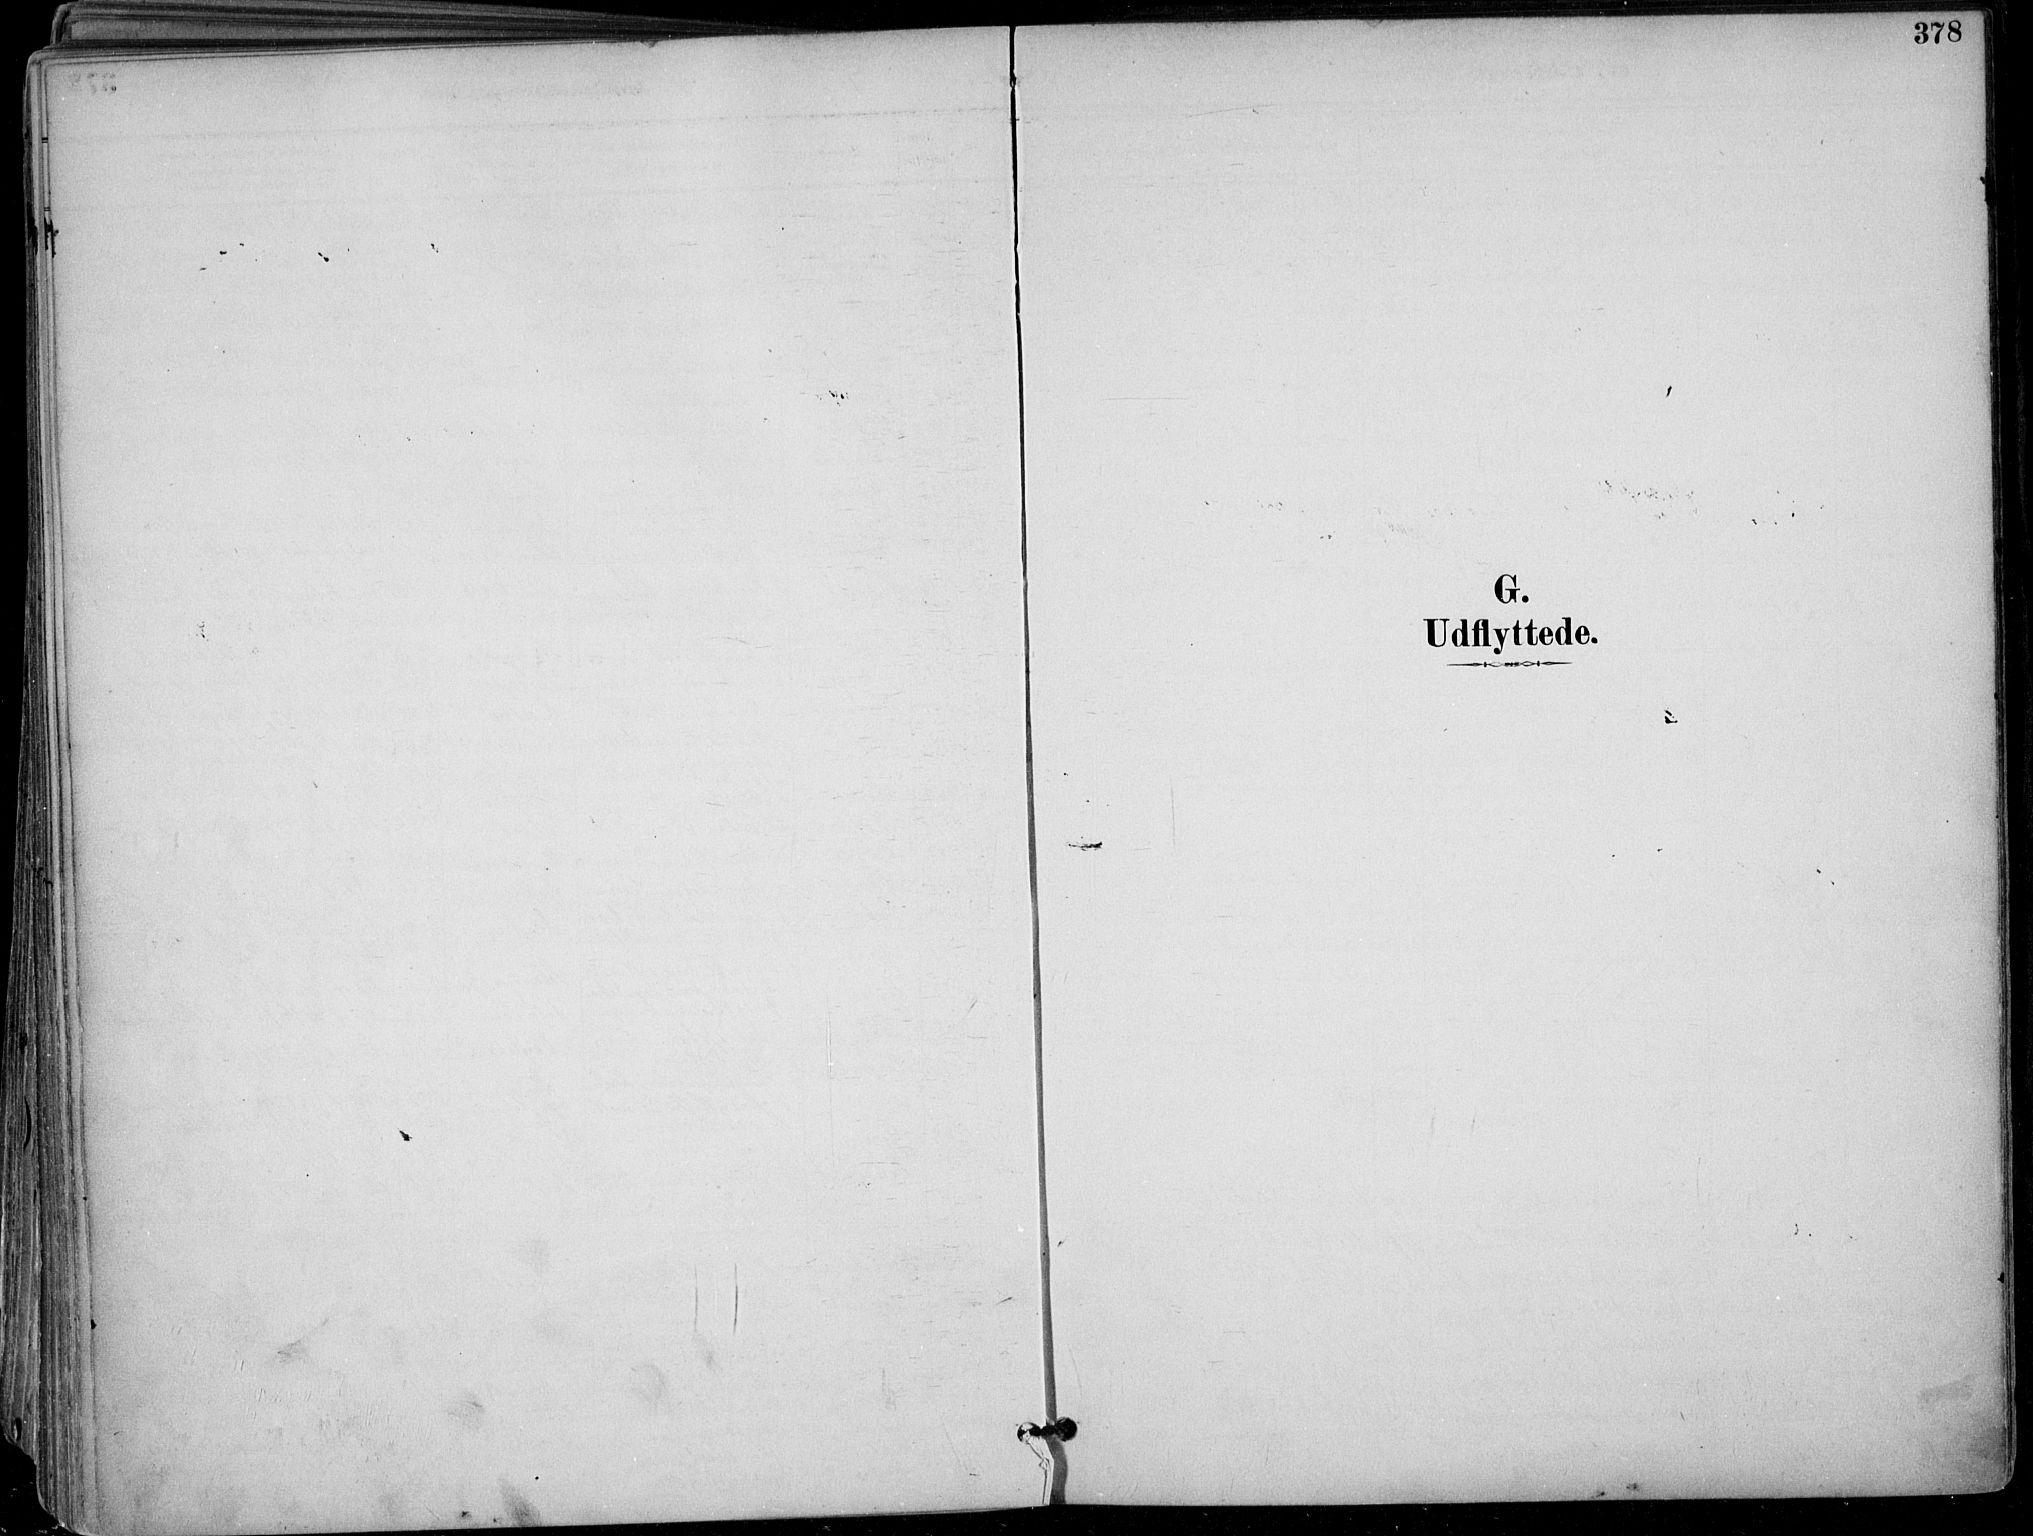 SAKO, Skien kirkebøker, F/Fa/L0010: Ministerialbok nr. 10, 1891-1899, s. 378